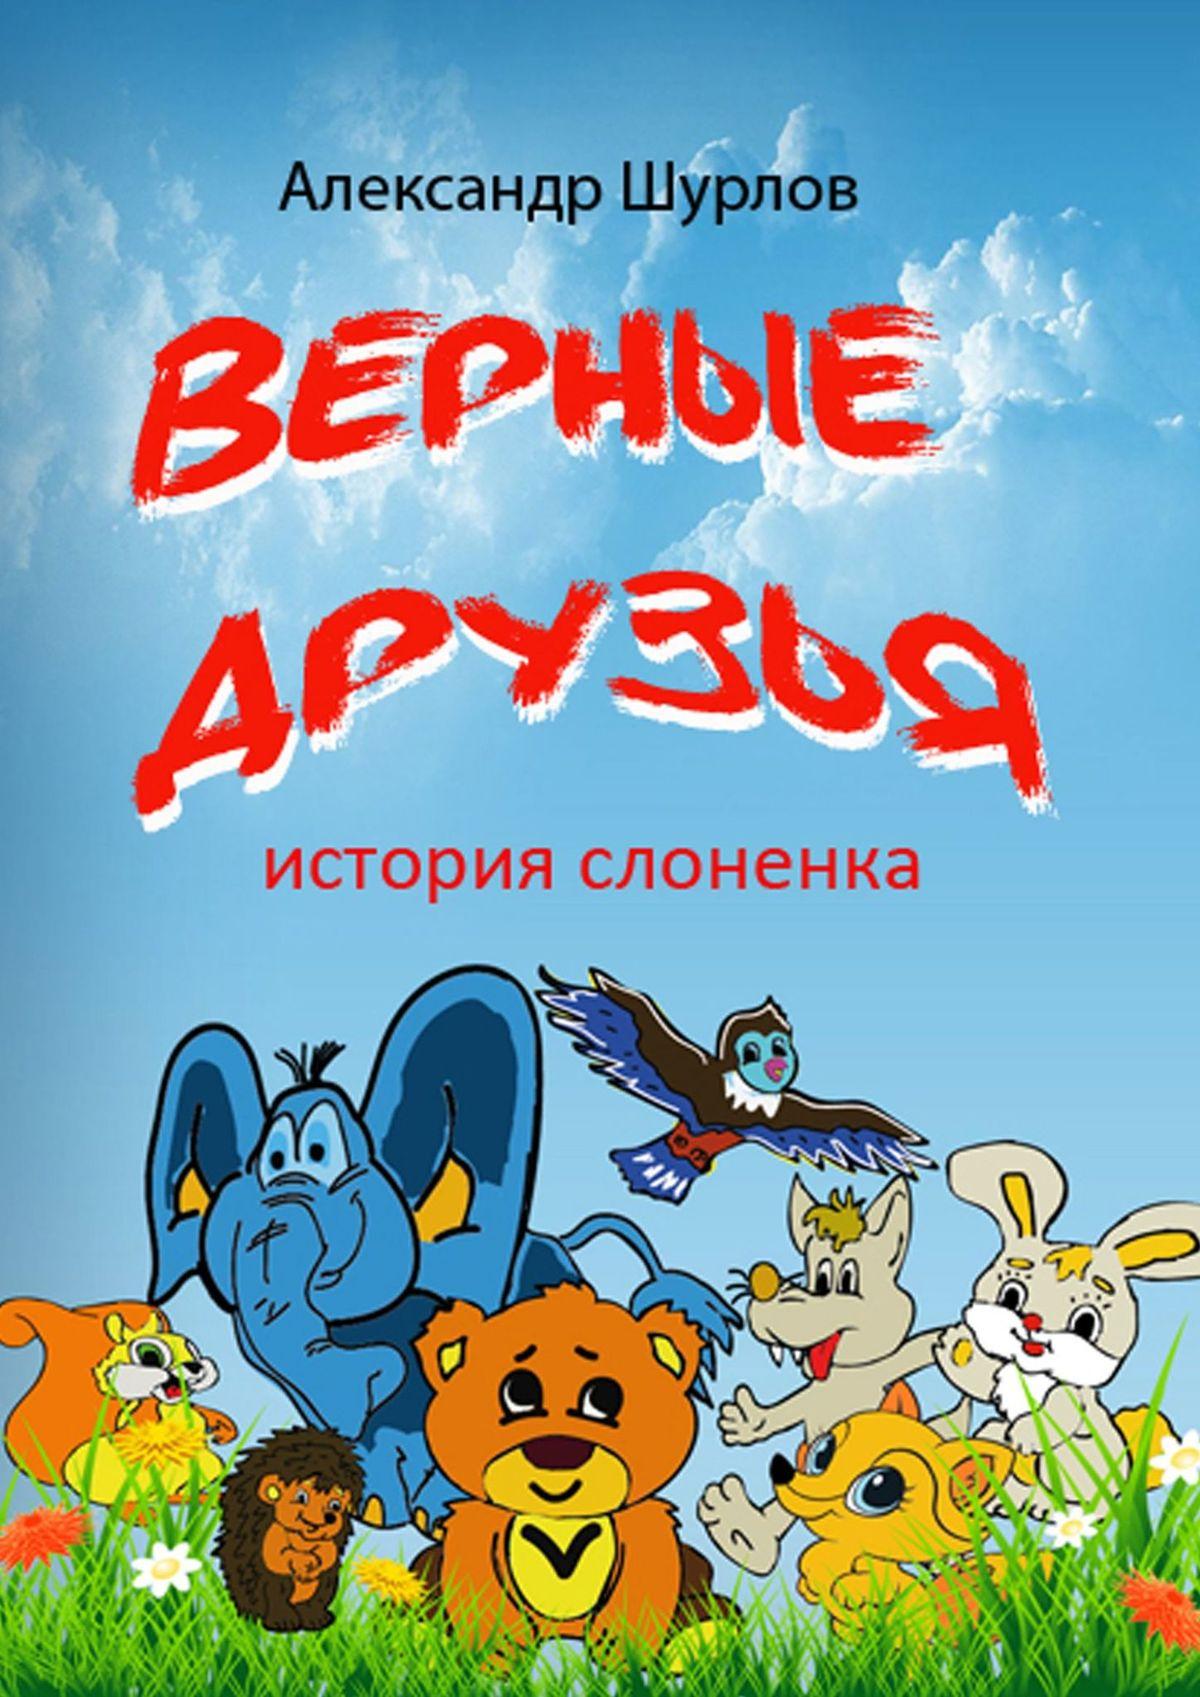 Александр Шурлов Верные друзья. История слоненка цены